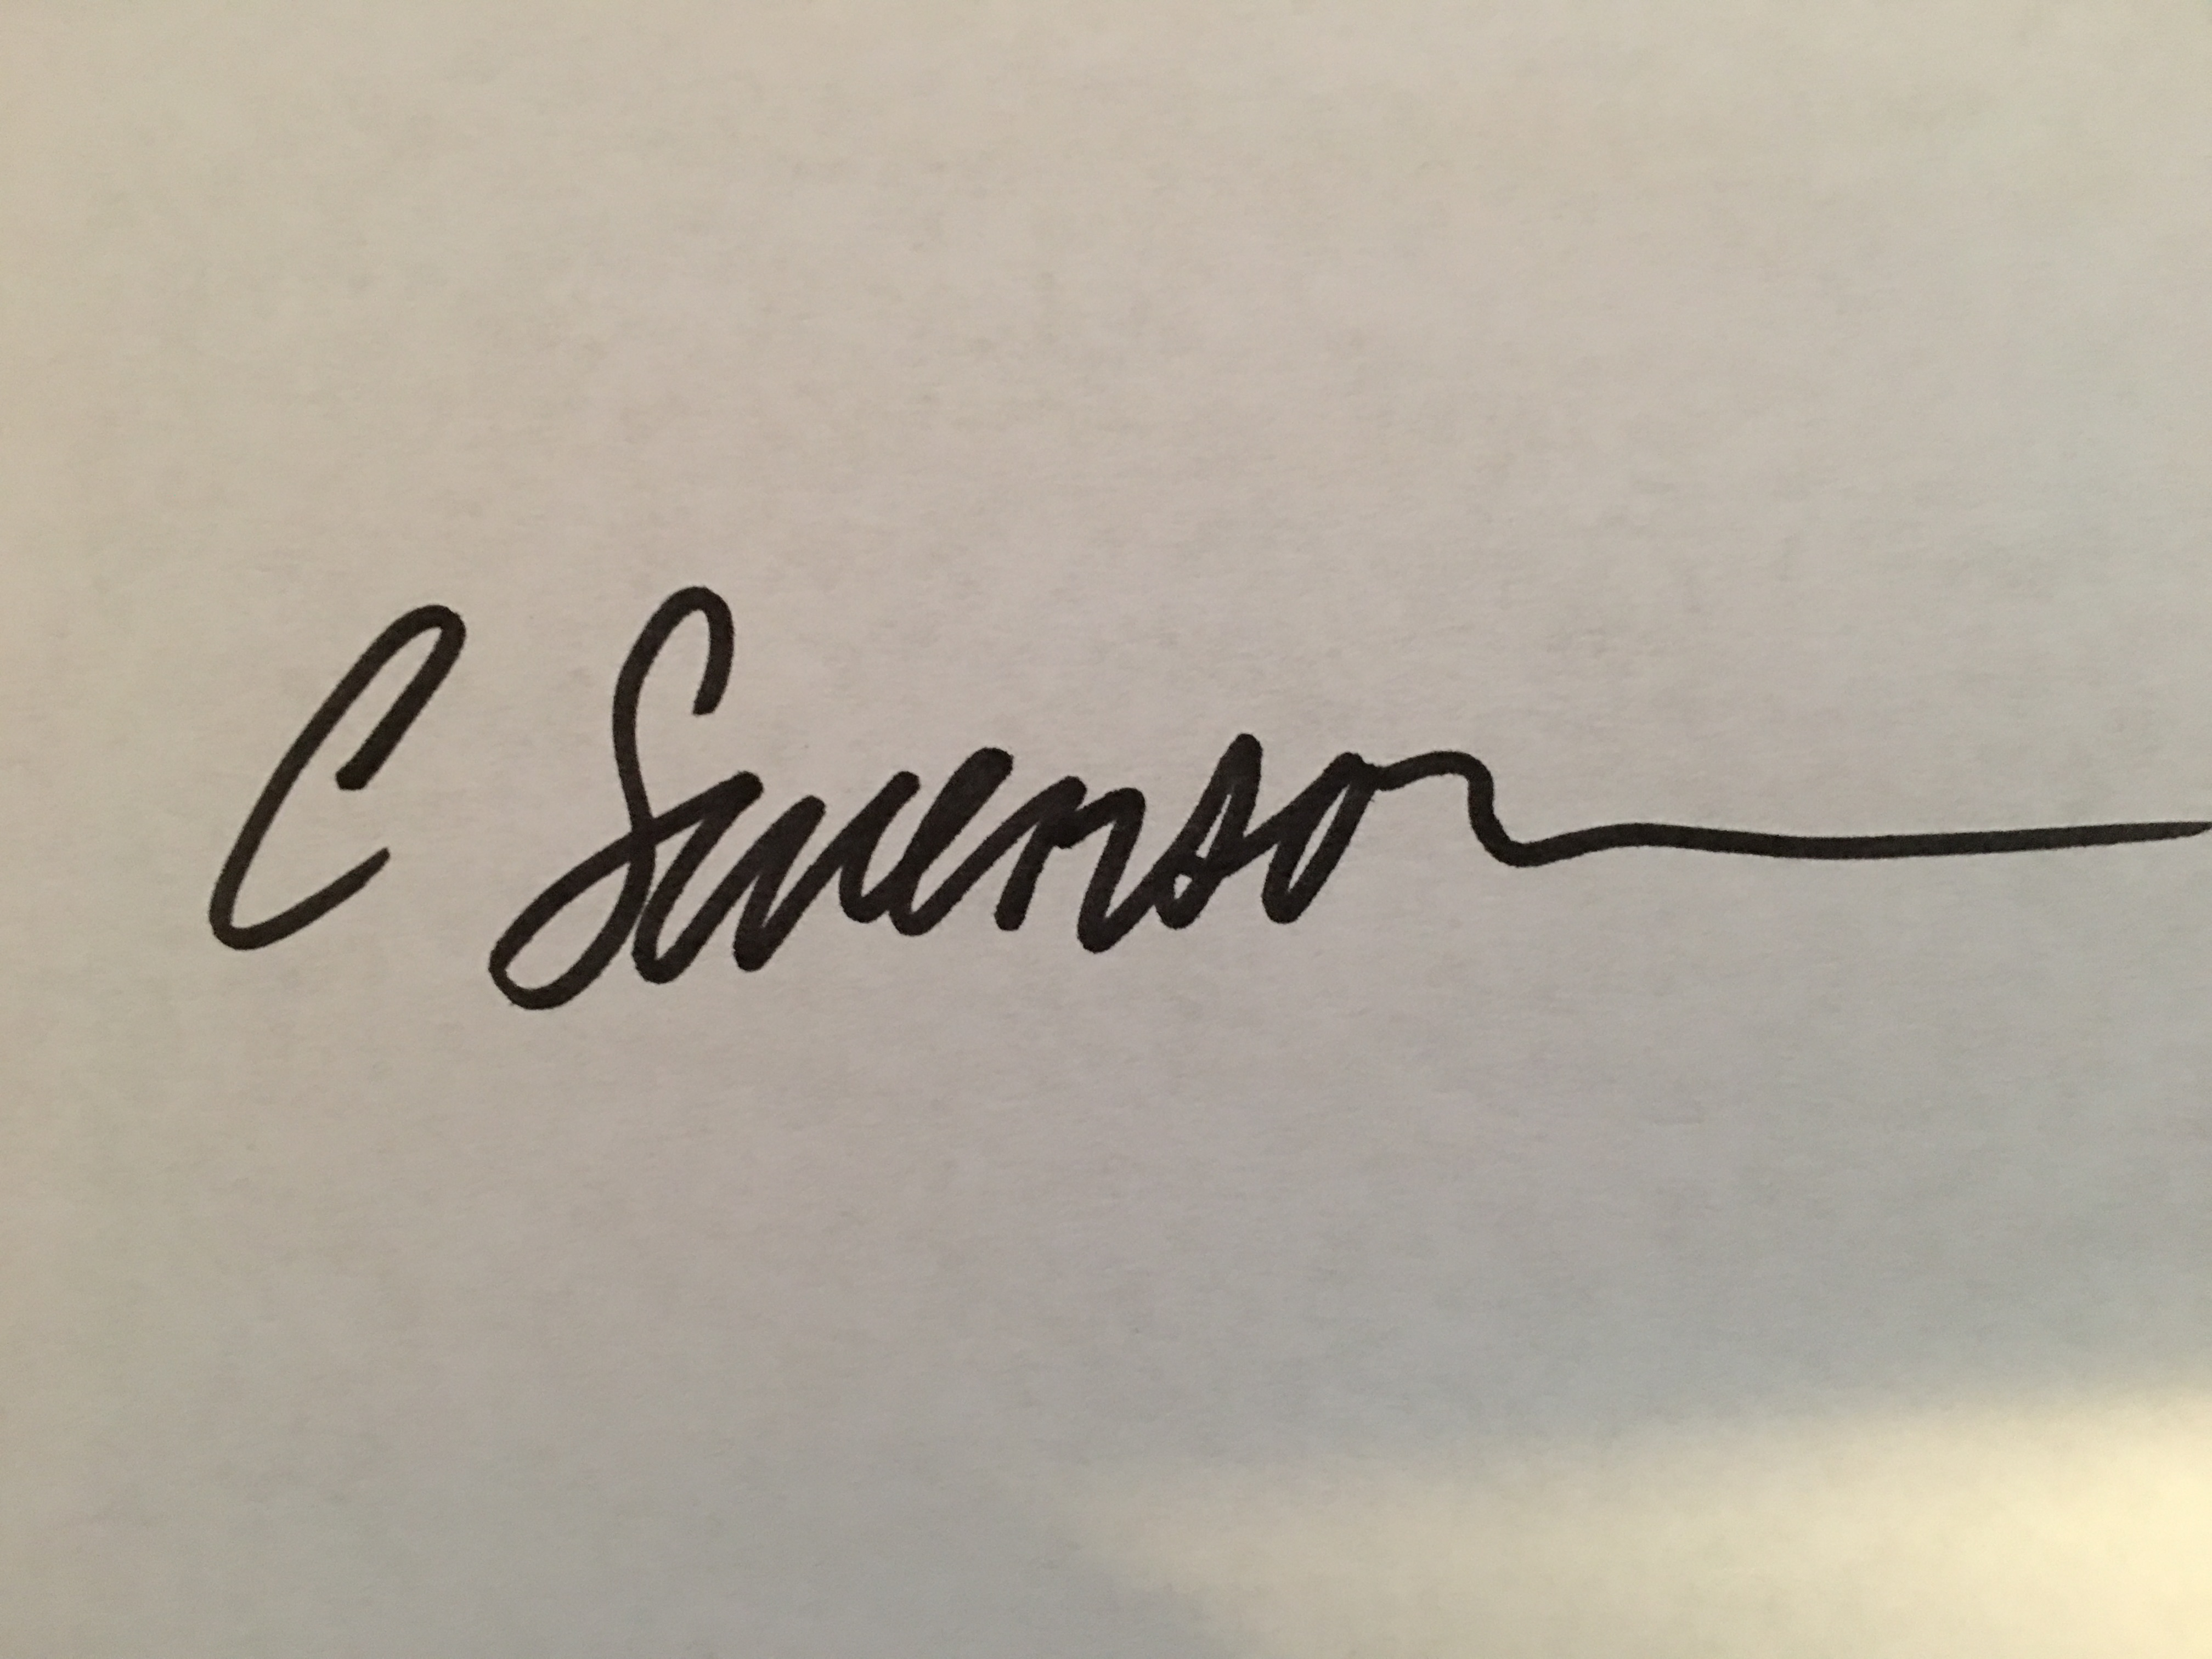 Collene swenson's Signature